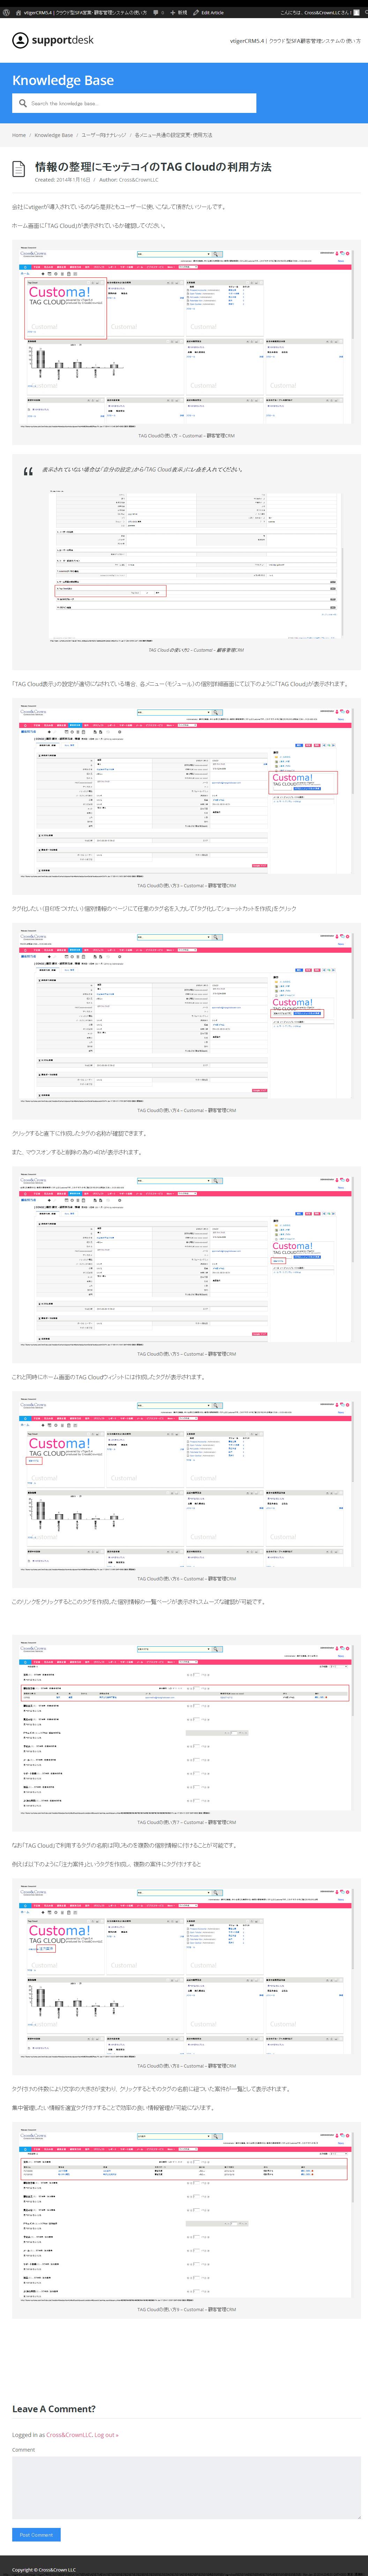 情報の整理にモッテコイのTAG Cloudの利用方法 – vtigerCRM5.4 クラウド型SFA営業・顧客管理システムの使い方